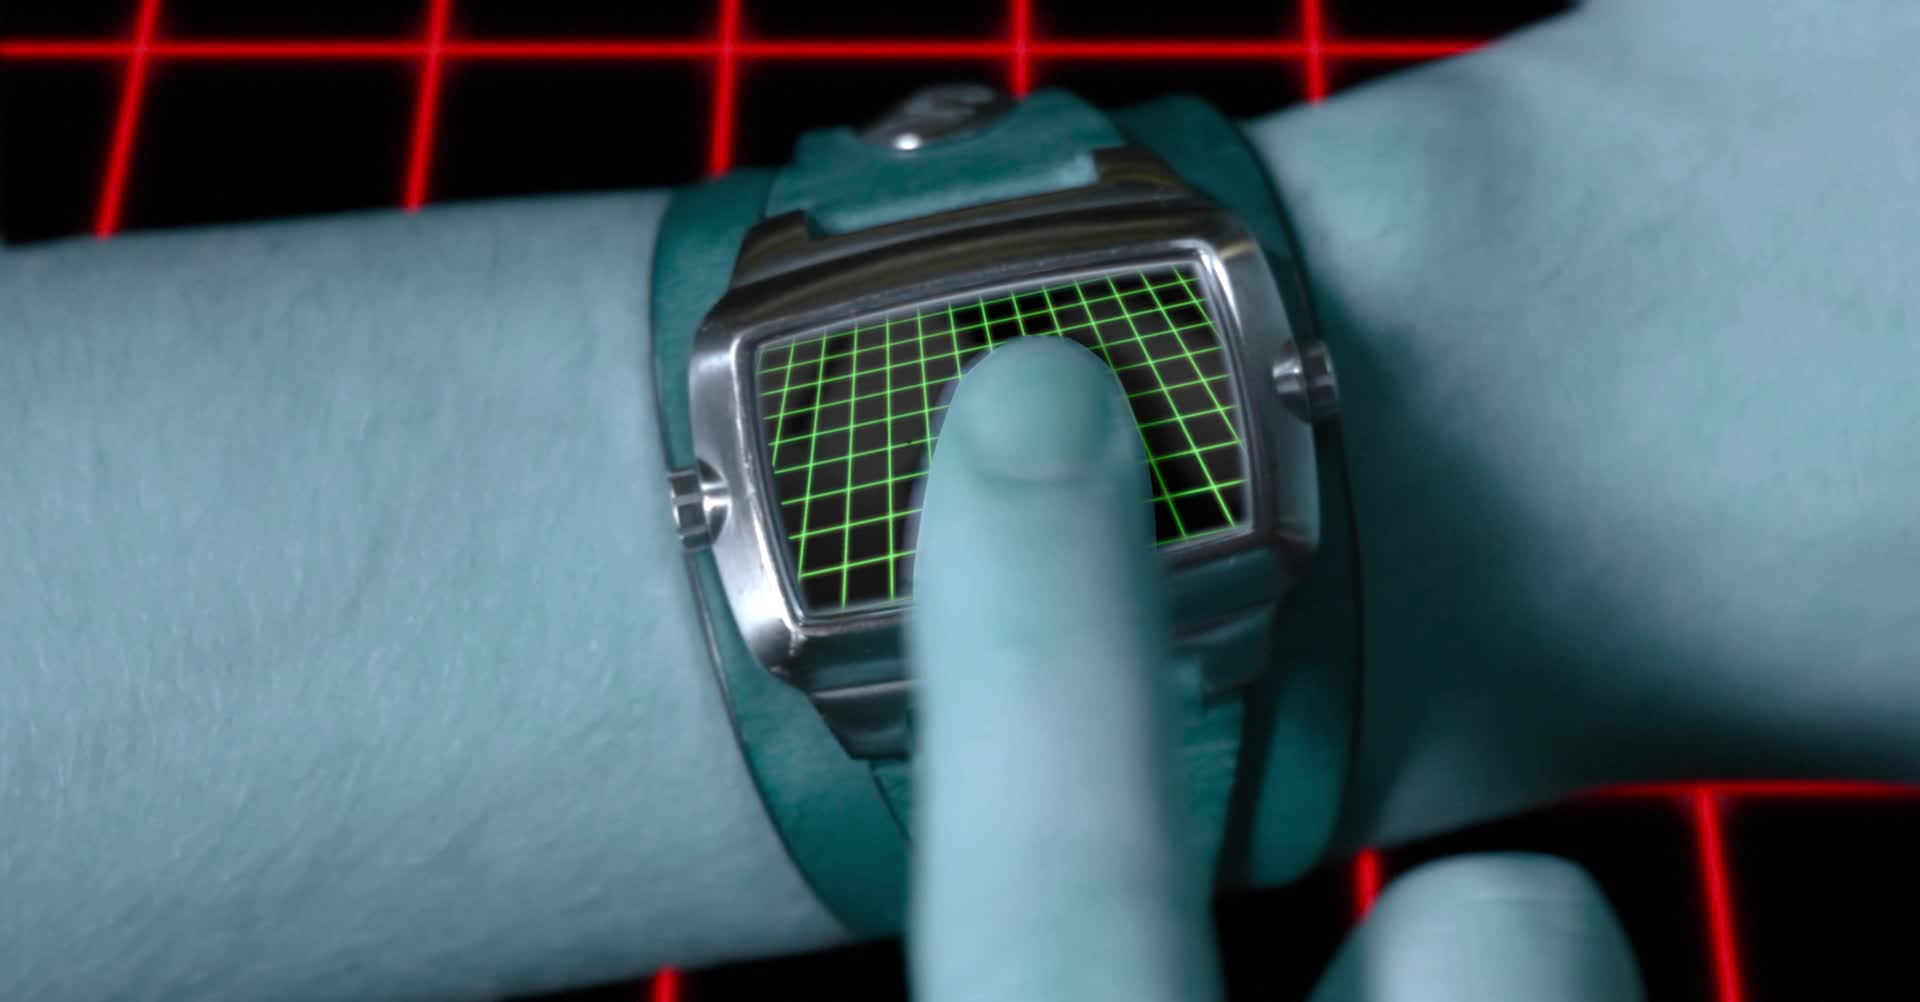 GeoffPeterson, Nuke, Watches, Geoff Watches GIFs